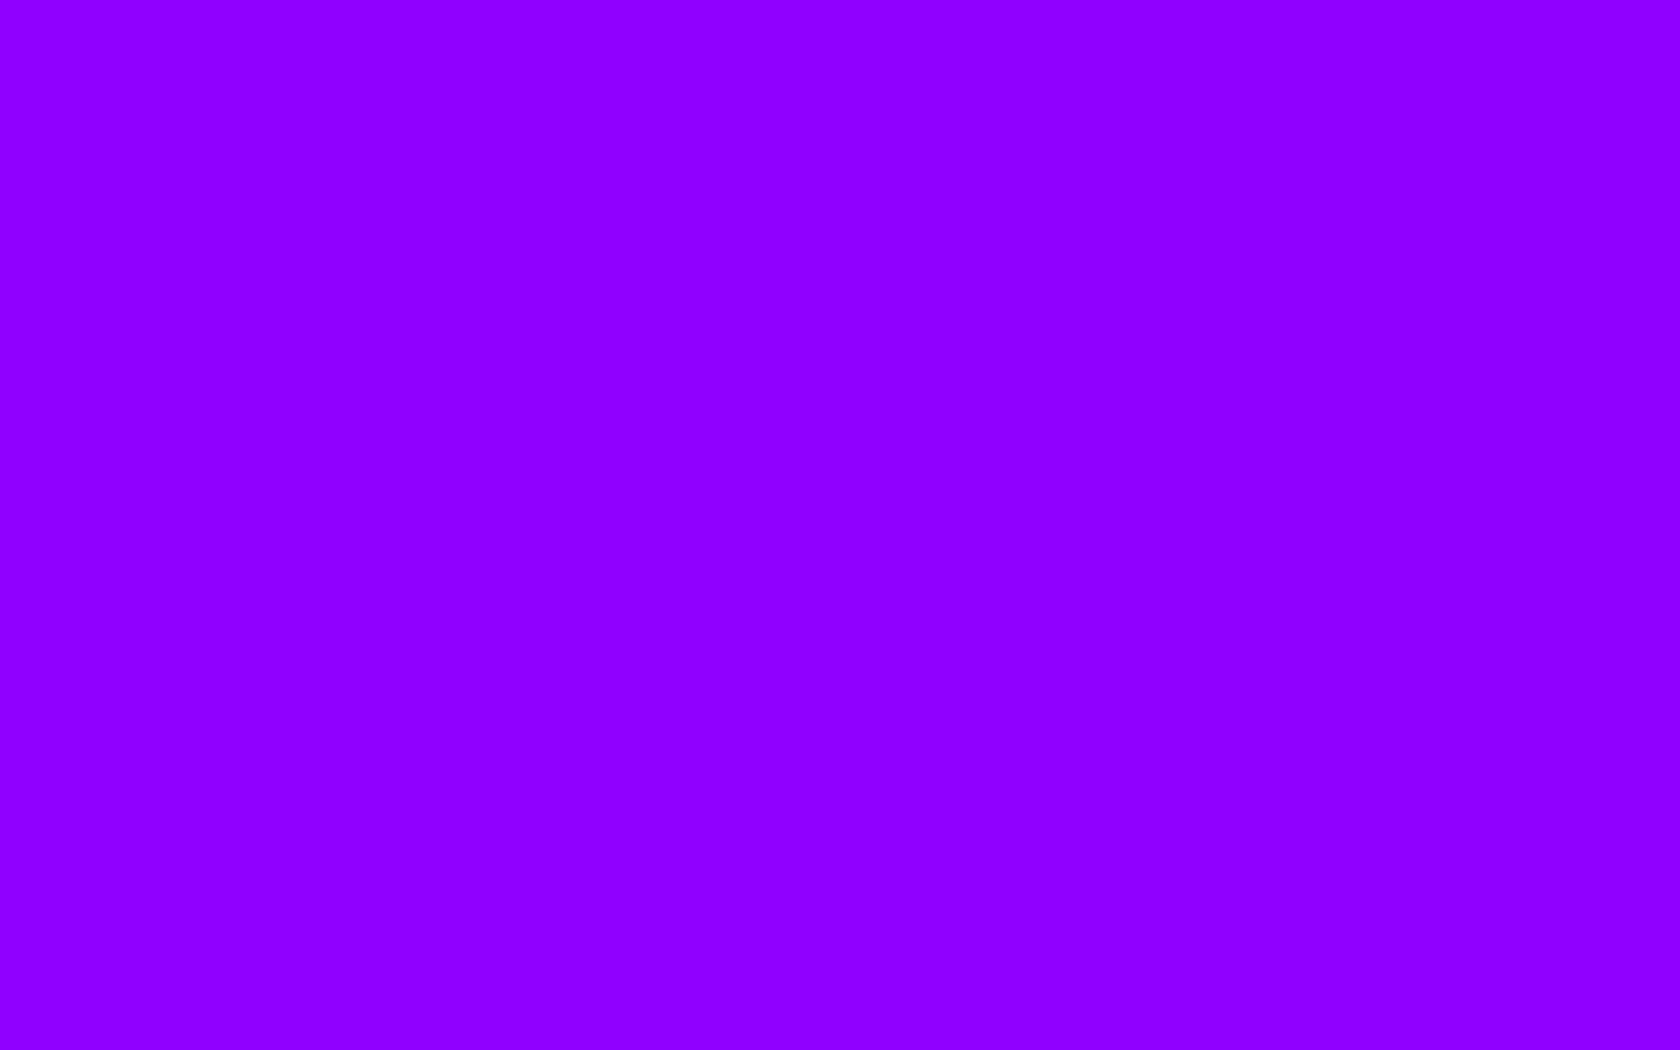 1680x1050 Violet Solid Color Background